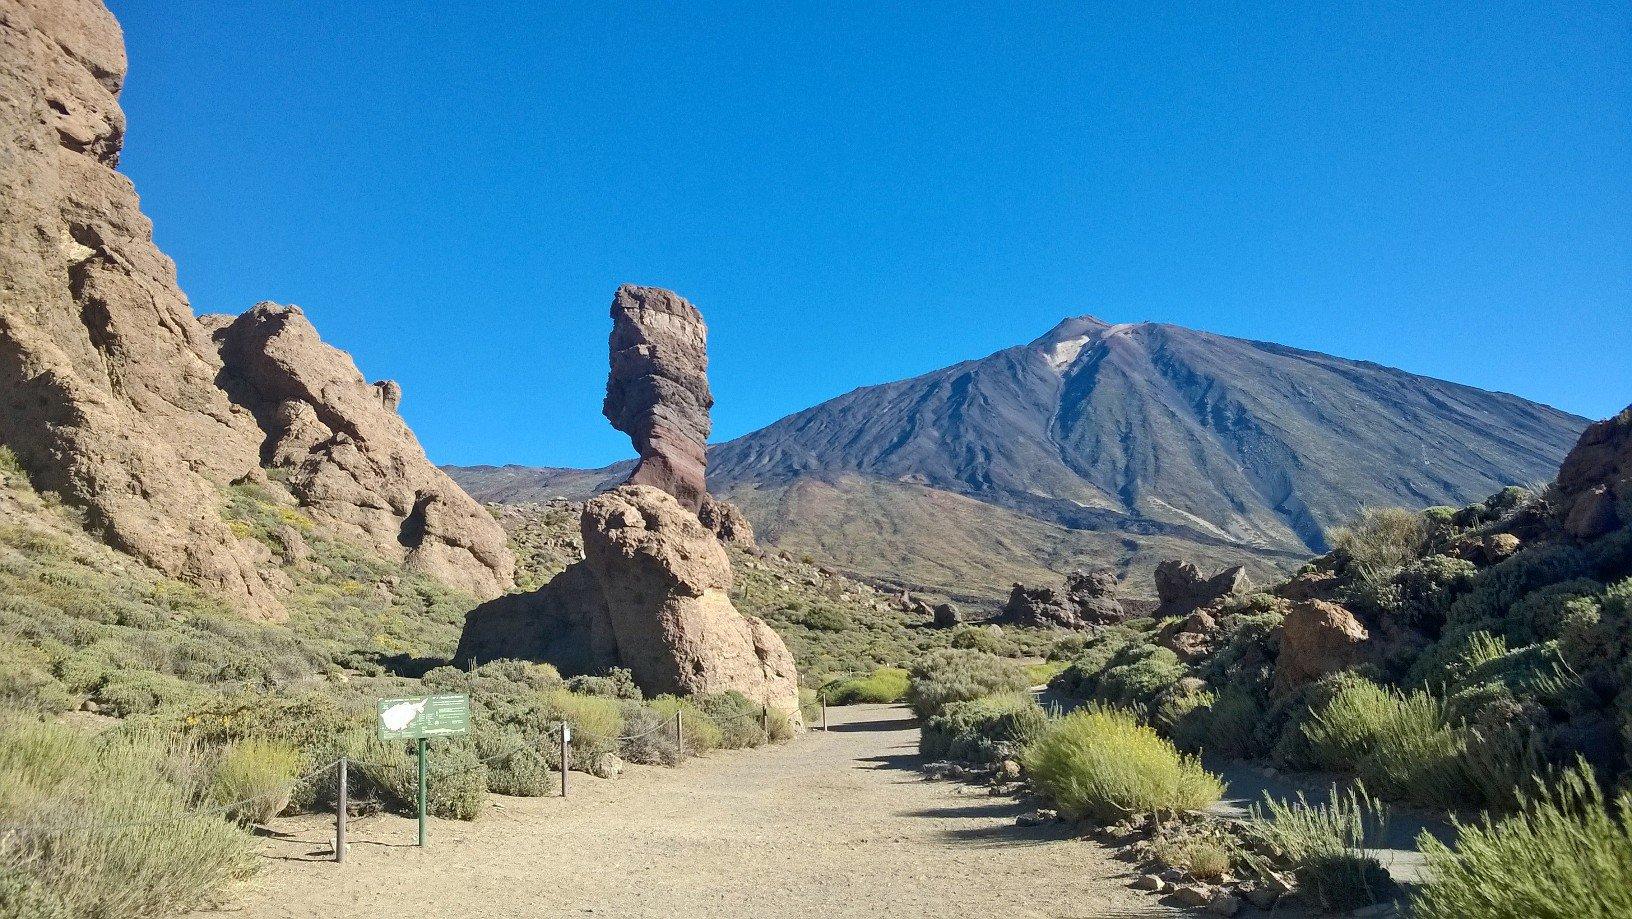 Teide (Pico del) e Pico Viejo da Montaña Blanca, anello al Parador Nacional de las Cañadas 2016-06-13